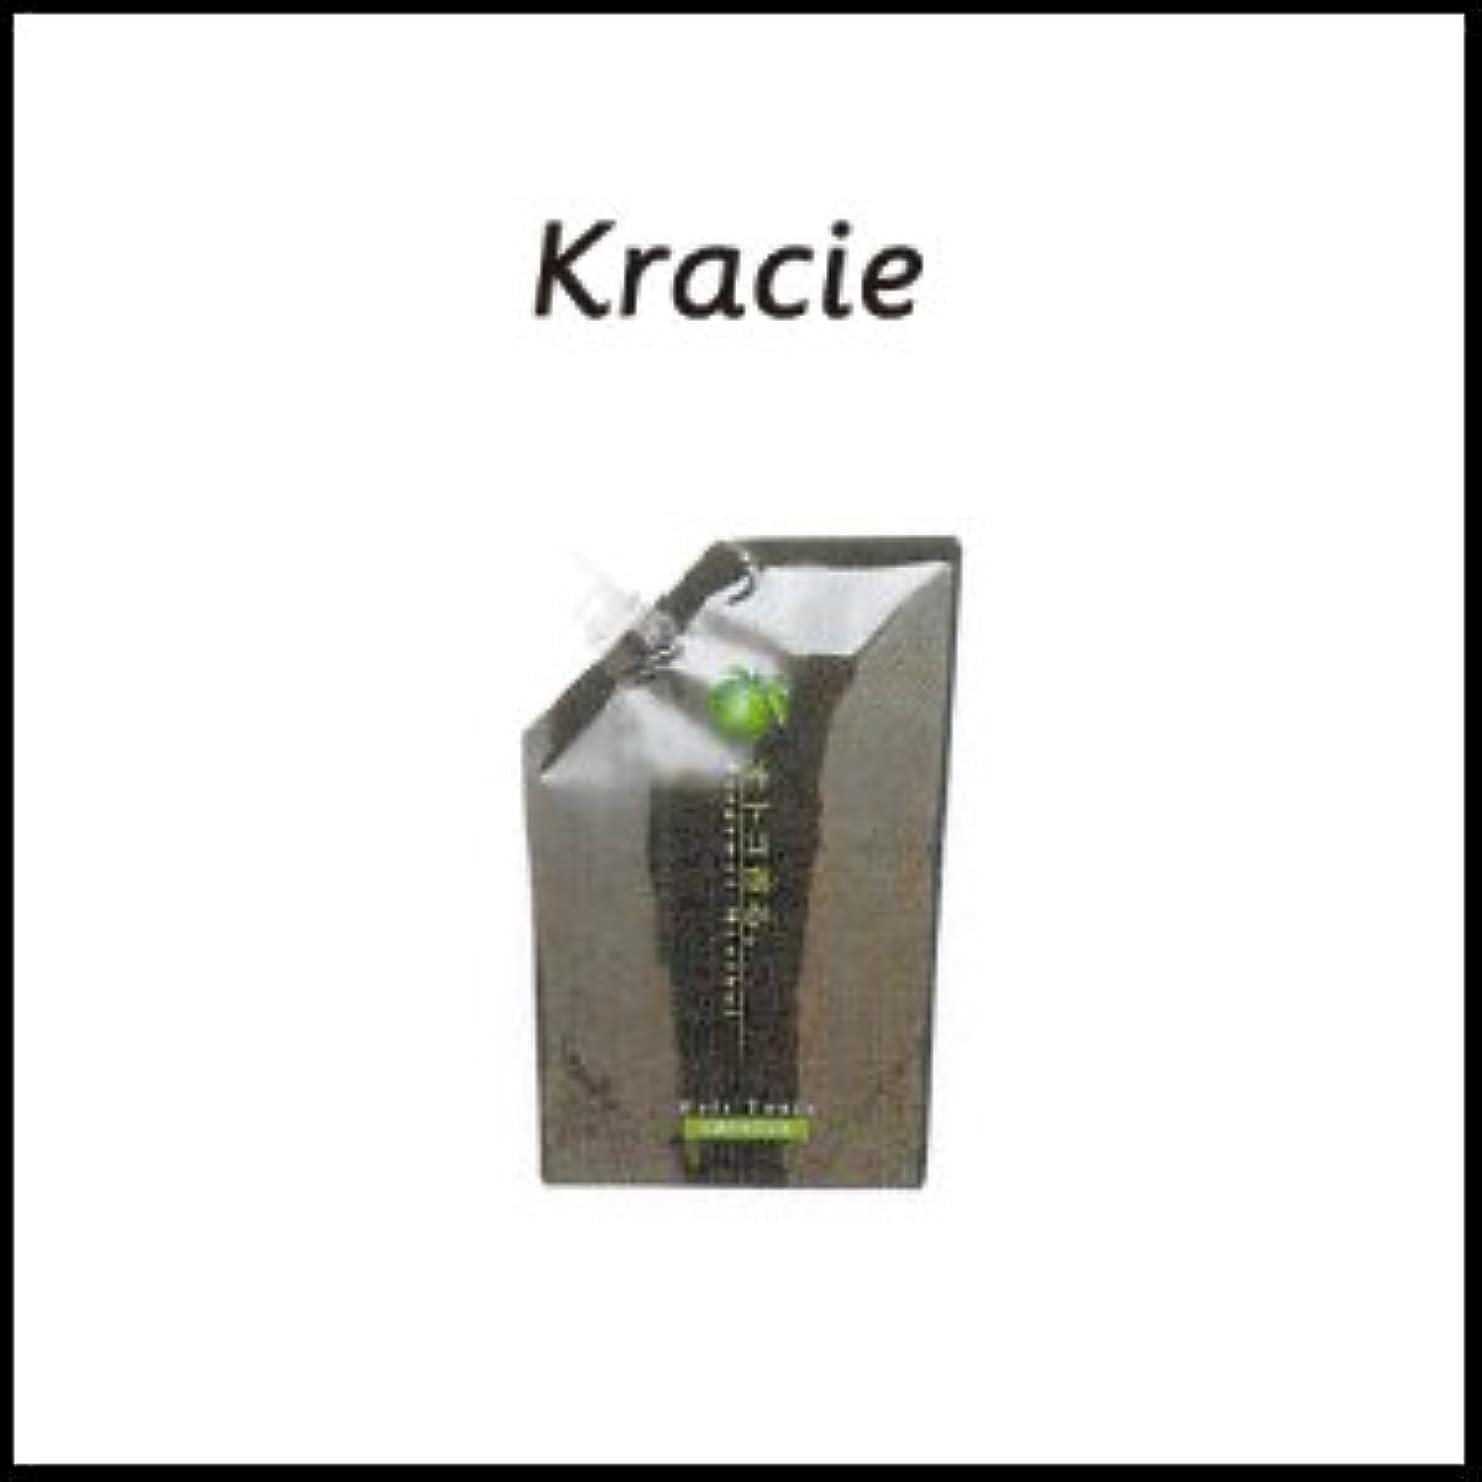 乱れアクセス専門用語【X5個セット】 クラシエ オトコ香る トニック(ベルガモット) 500ml 詰替え用(レフィル)